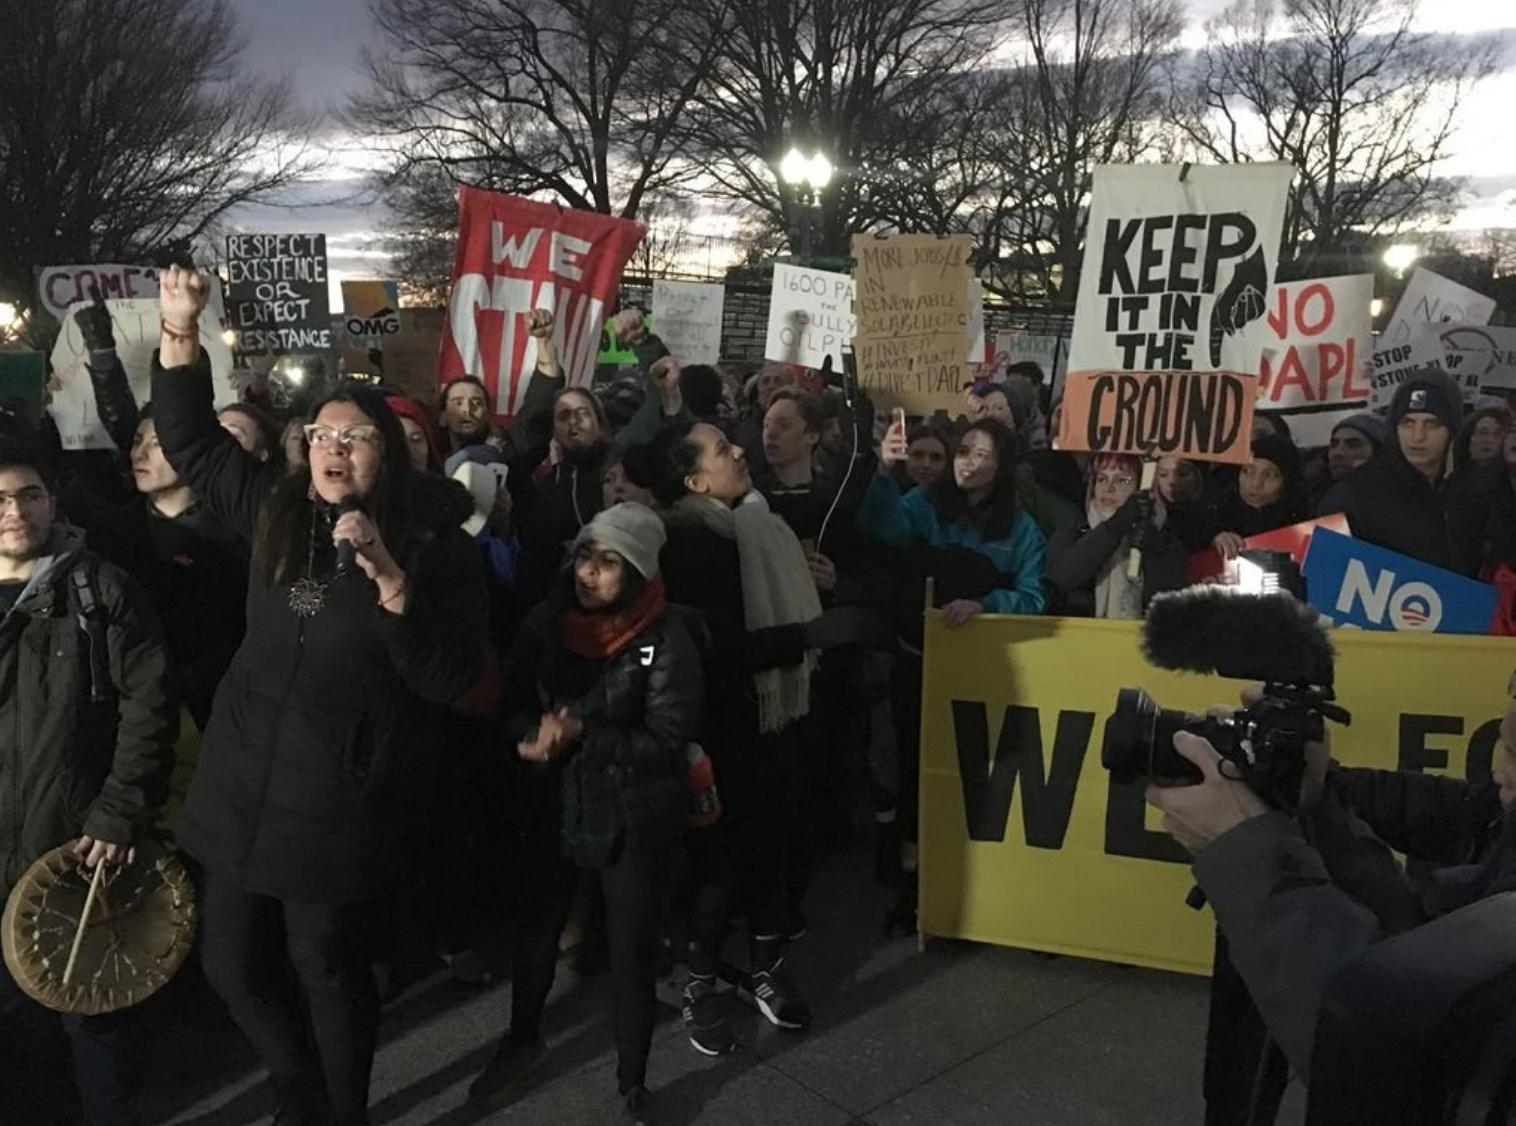 Протест возле Белого дома. Фото: nationalobserver.com